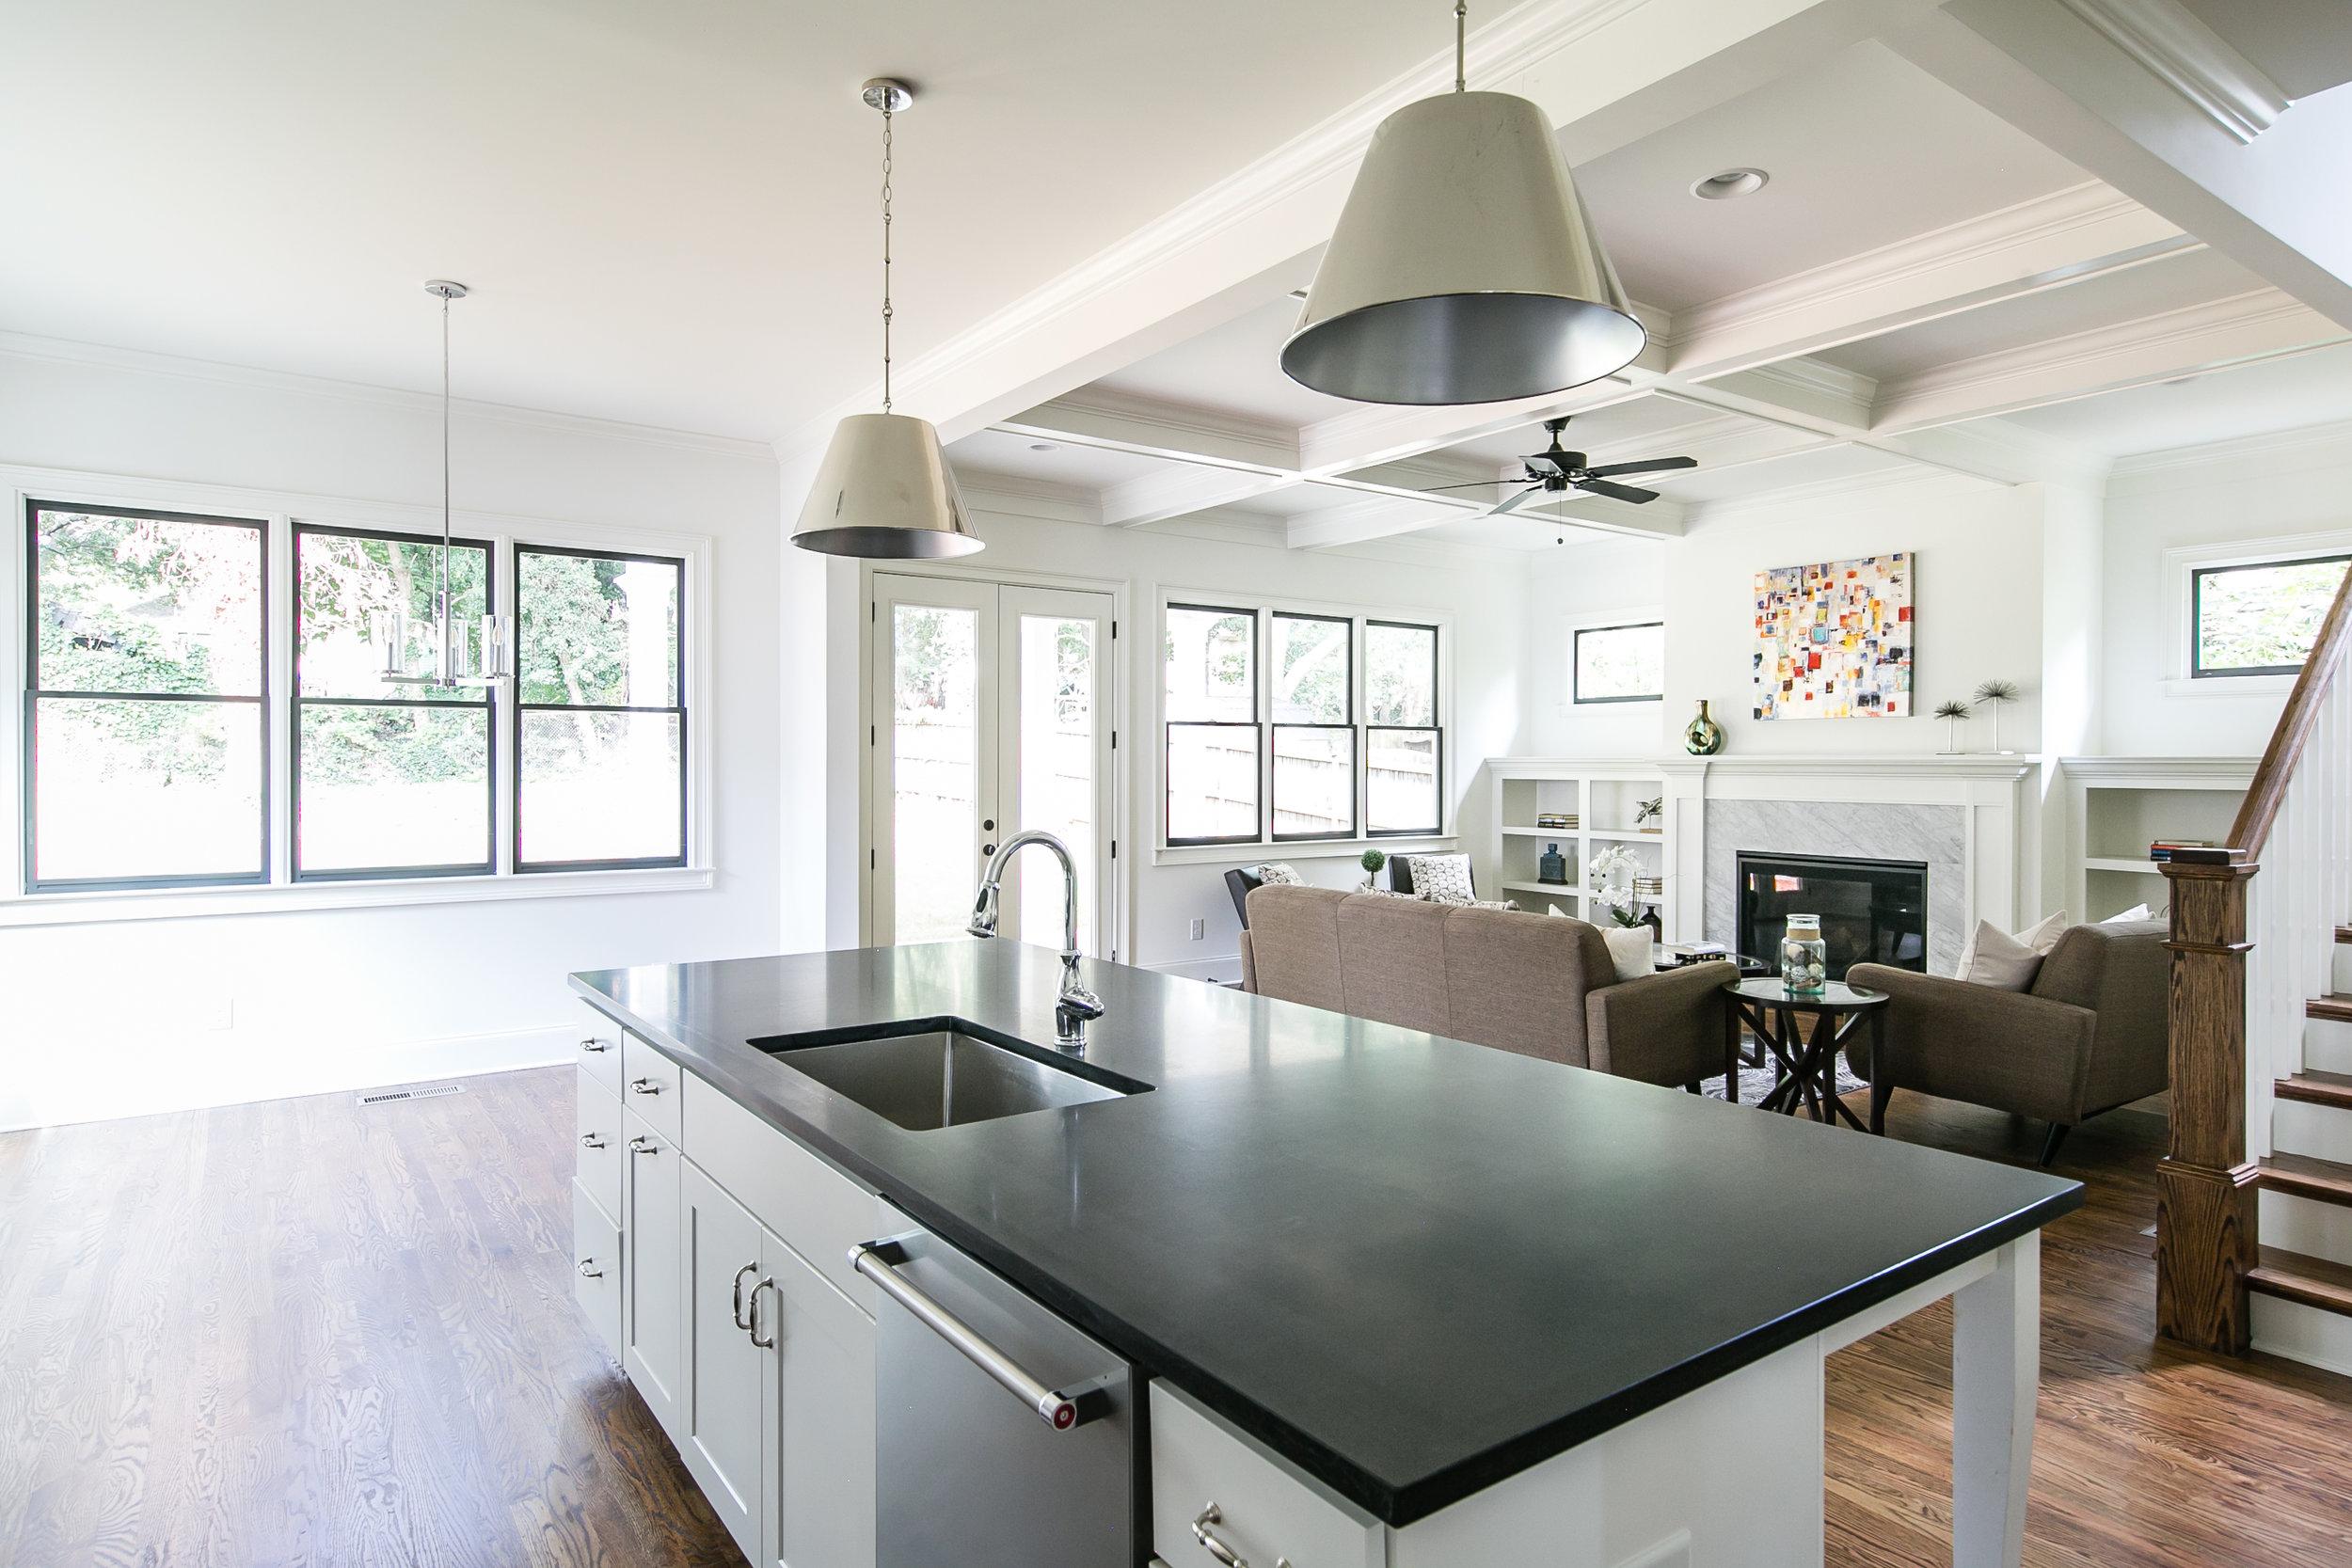 224 Rockyford-Kitchen 3.jpg